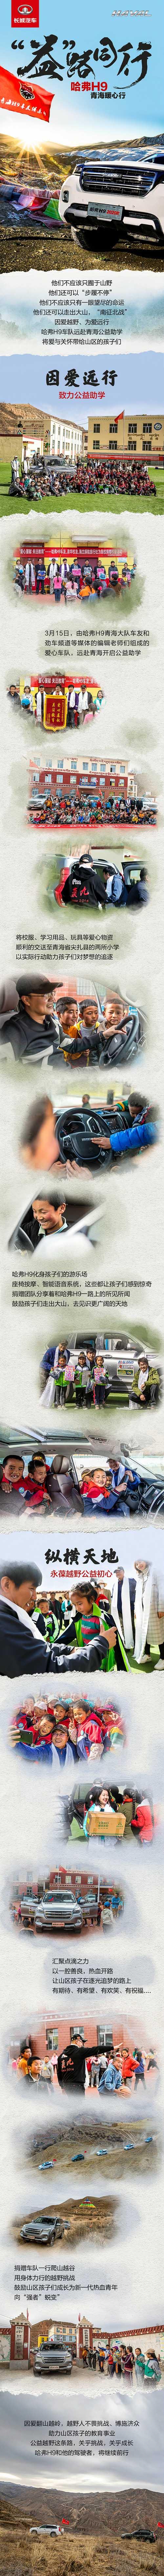 #逐9论英雄 #哈弗H9车队远赴青海公益助学